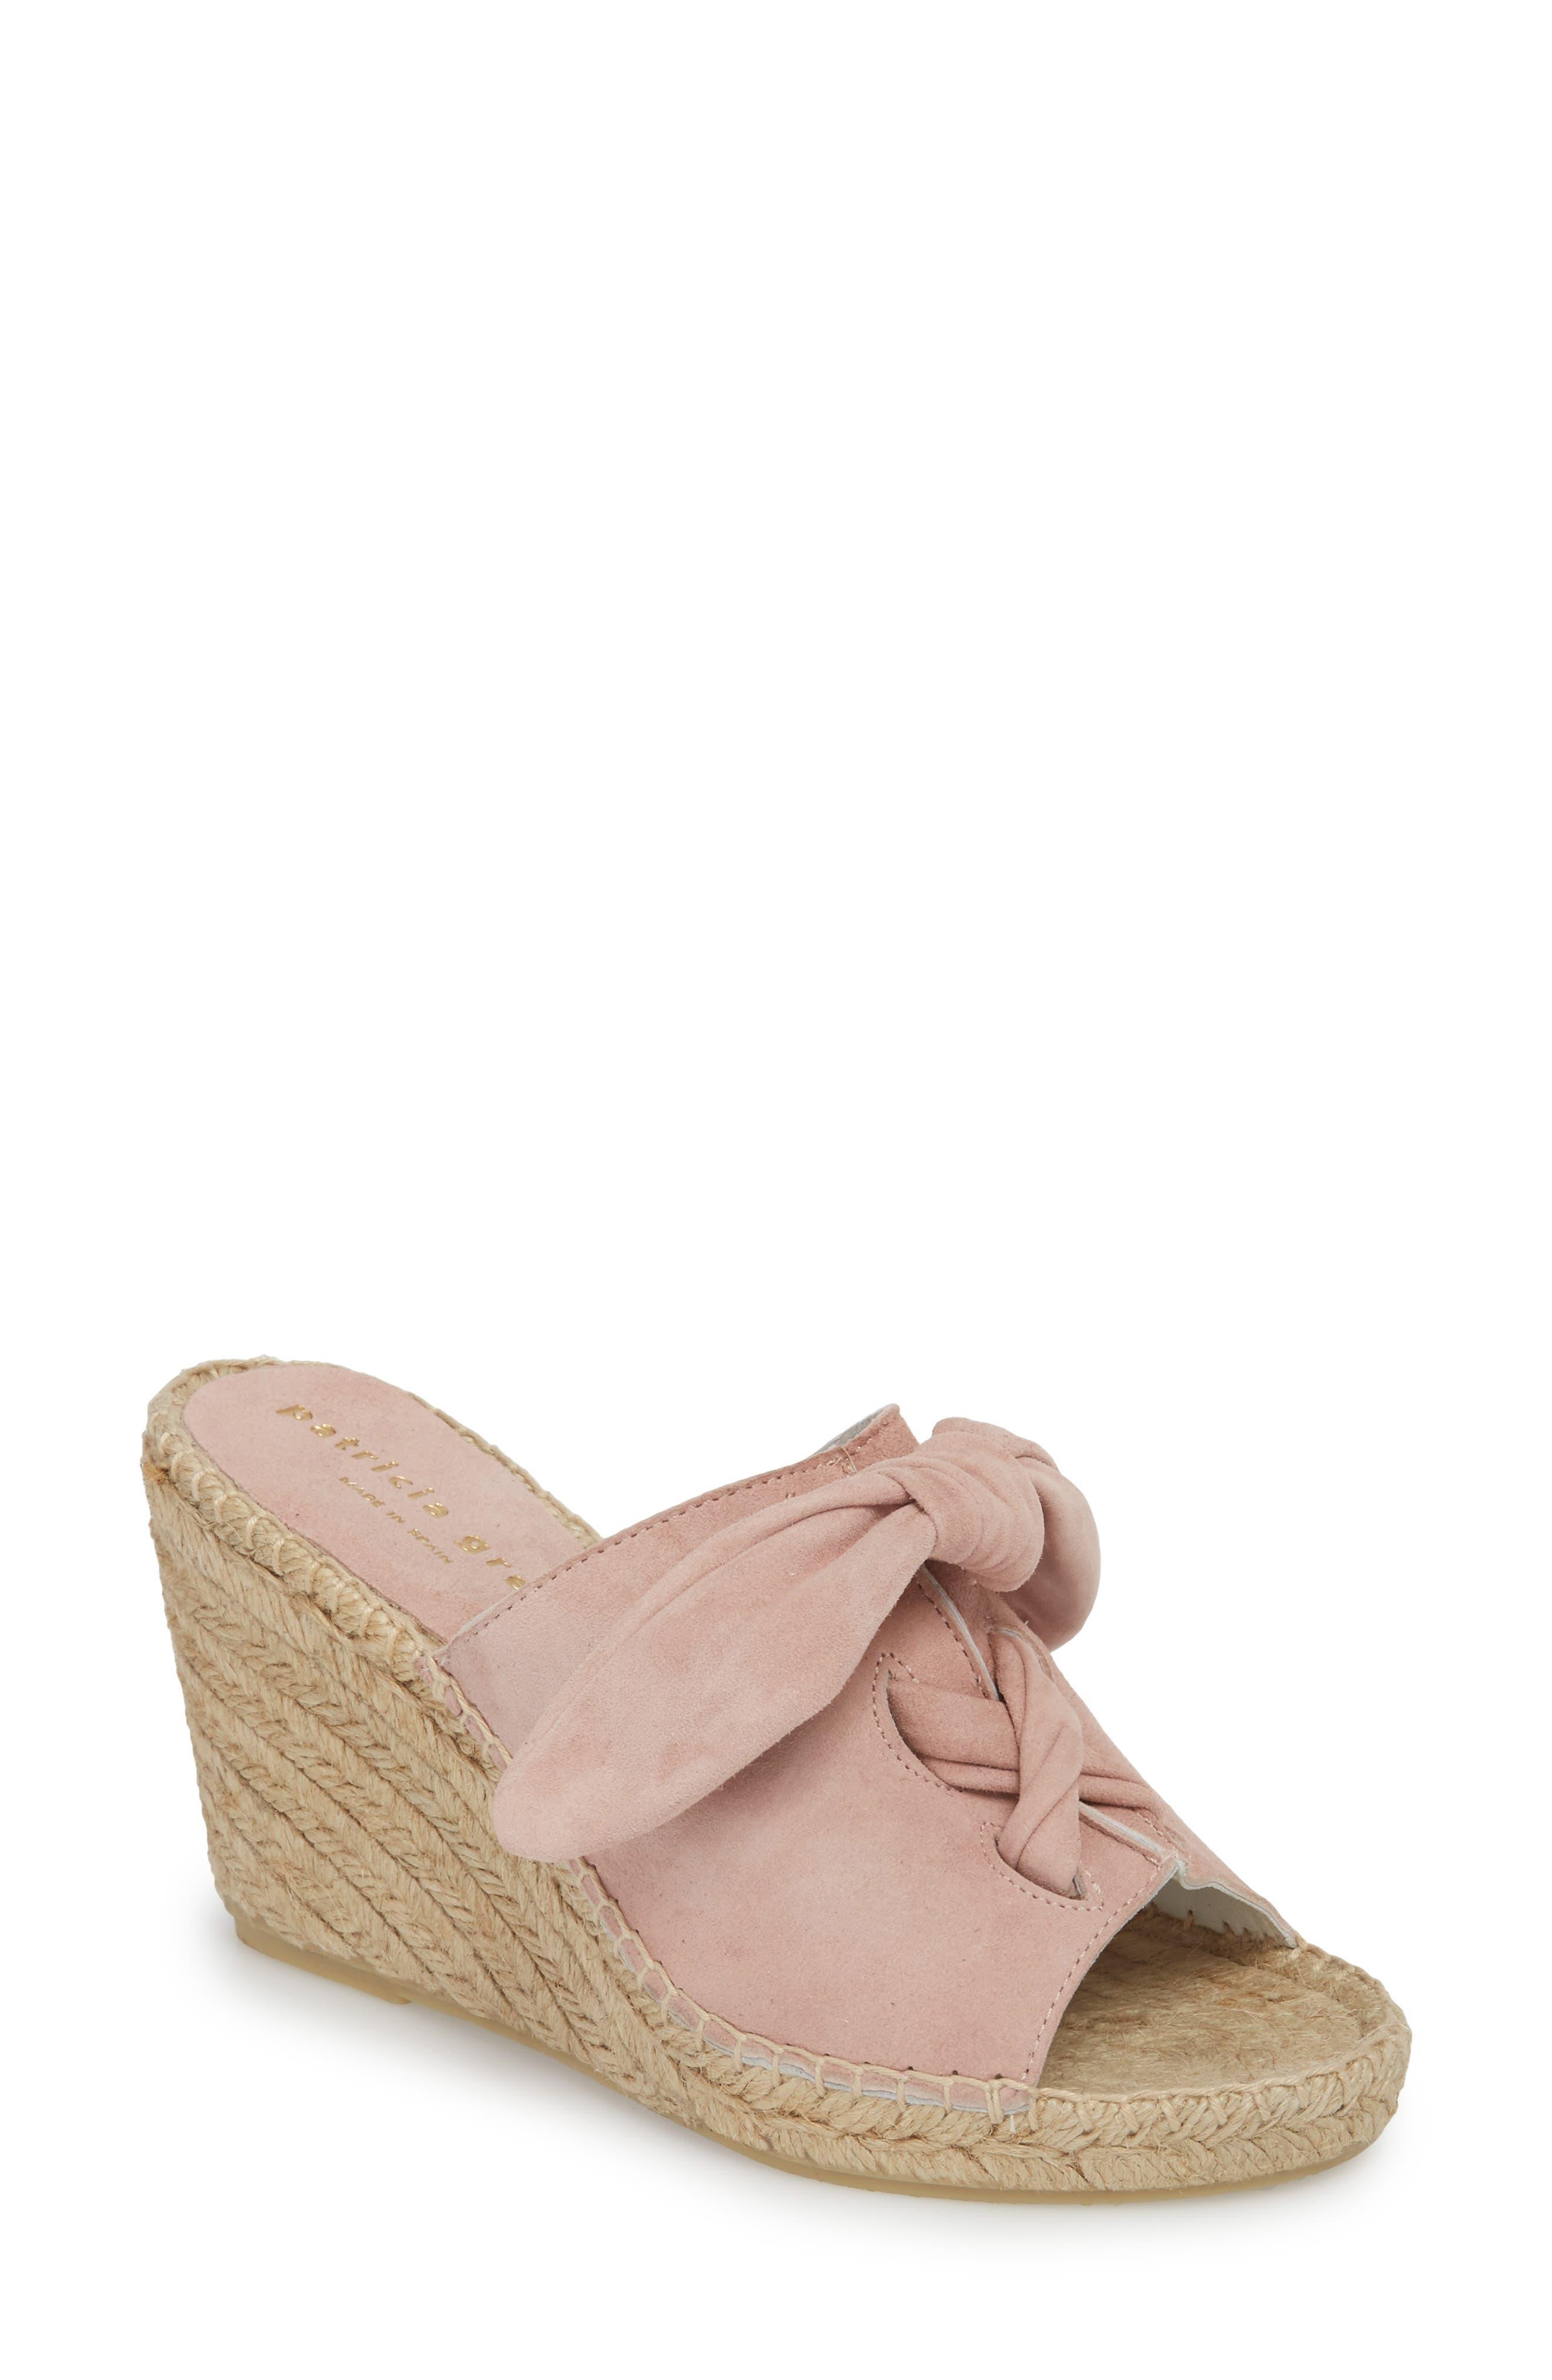 Flirt Espadrille Wedge Sandal,                         Main,                         color, Pink Suede